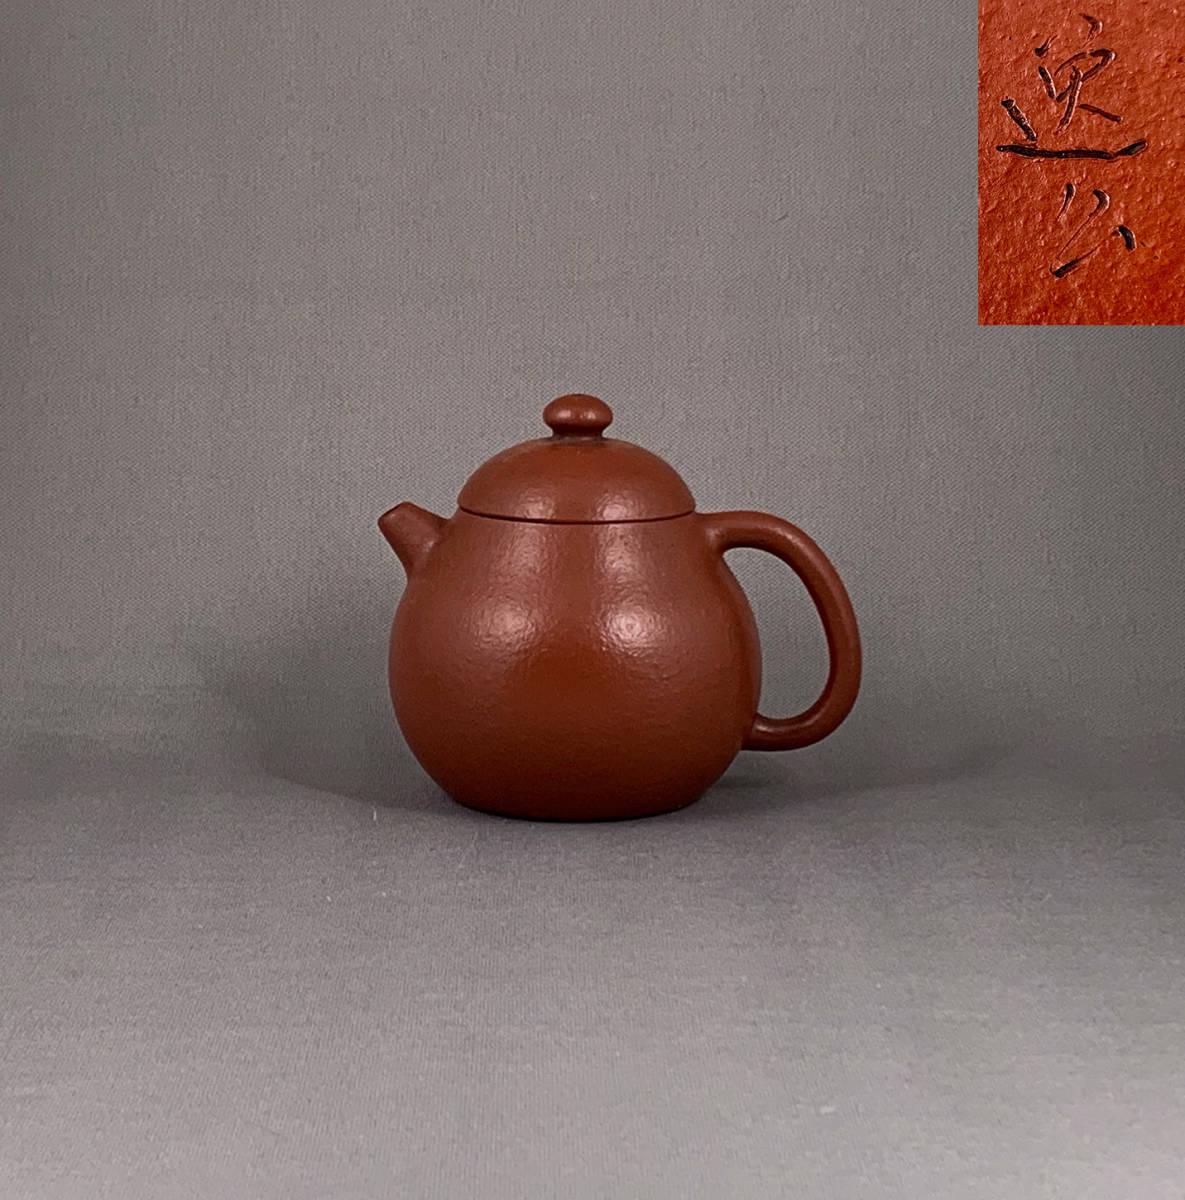 中国朱泥 急須 逸公 在銘茶壺 煎茶 唐物 古玩